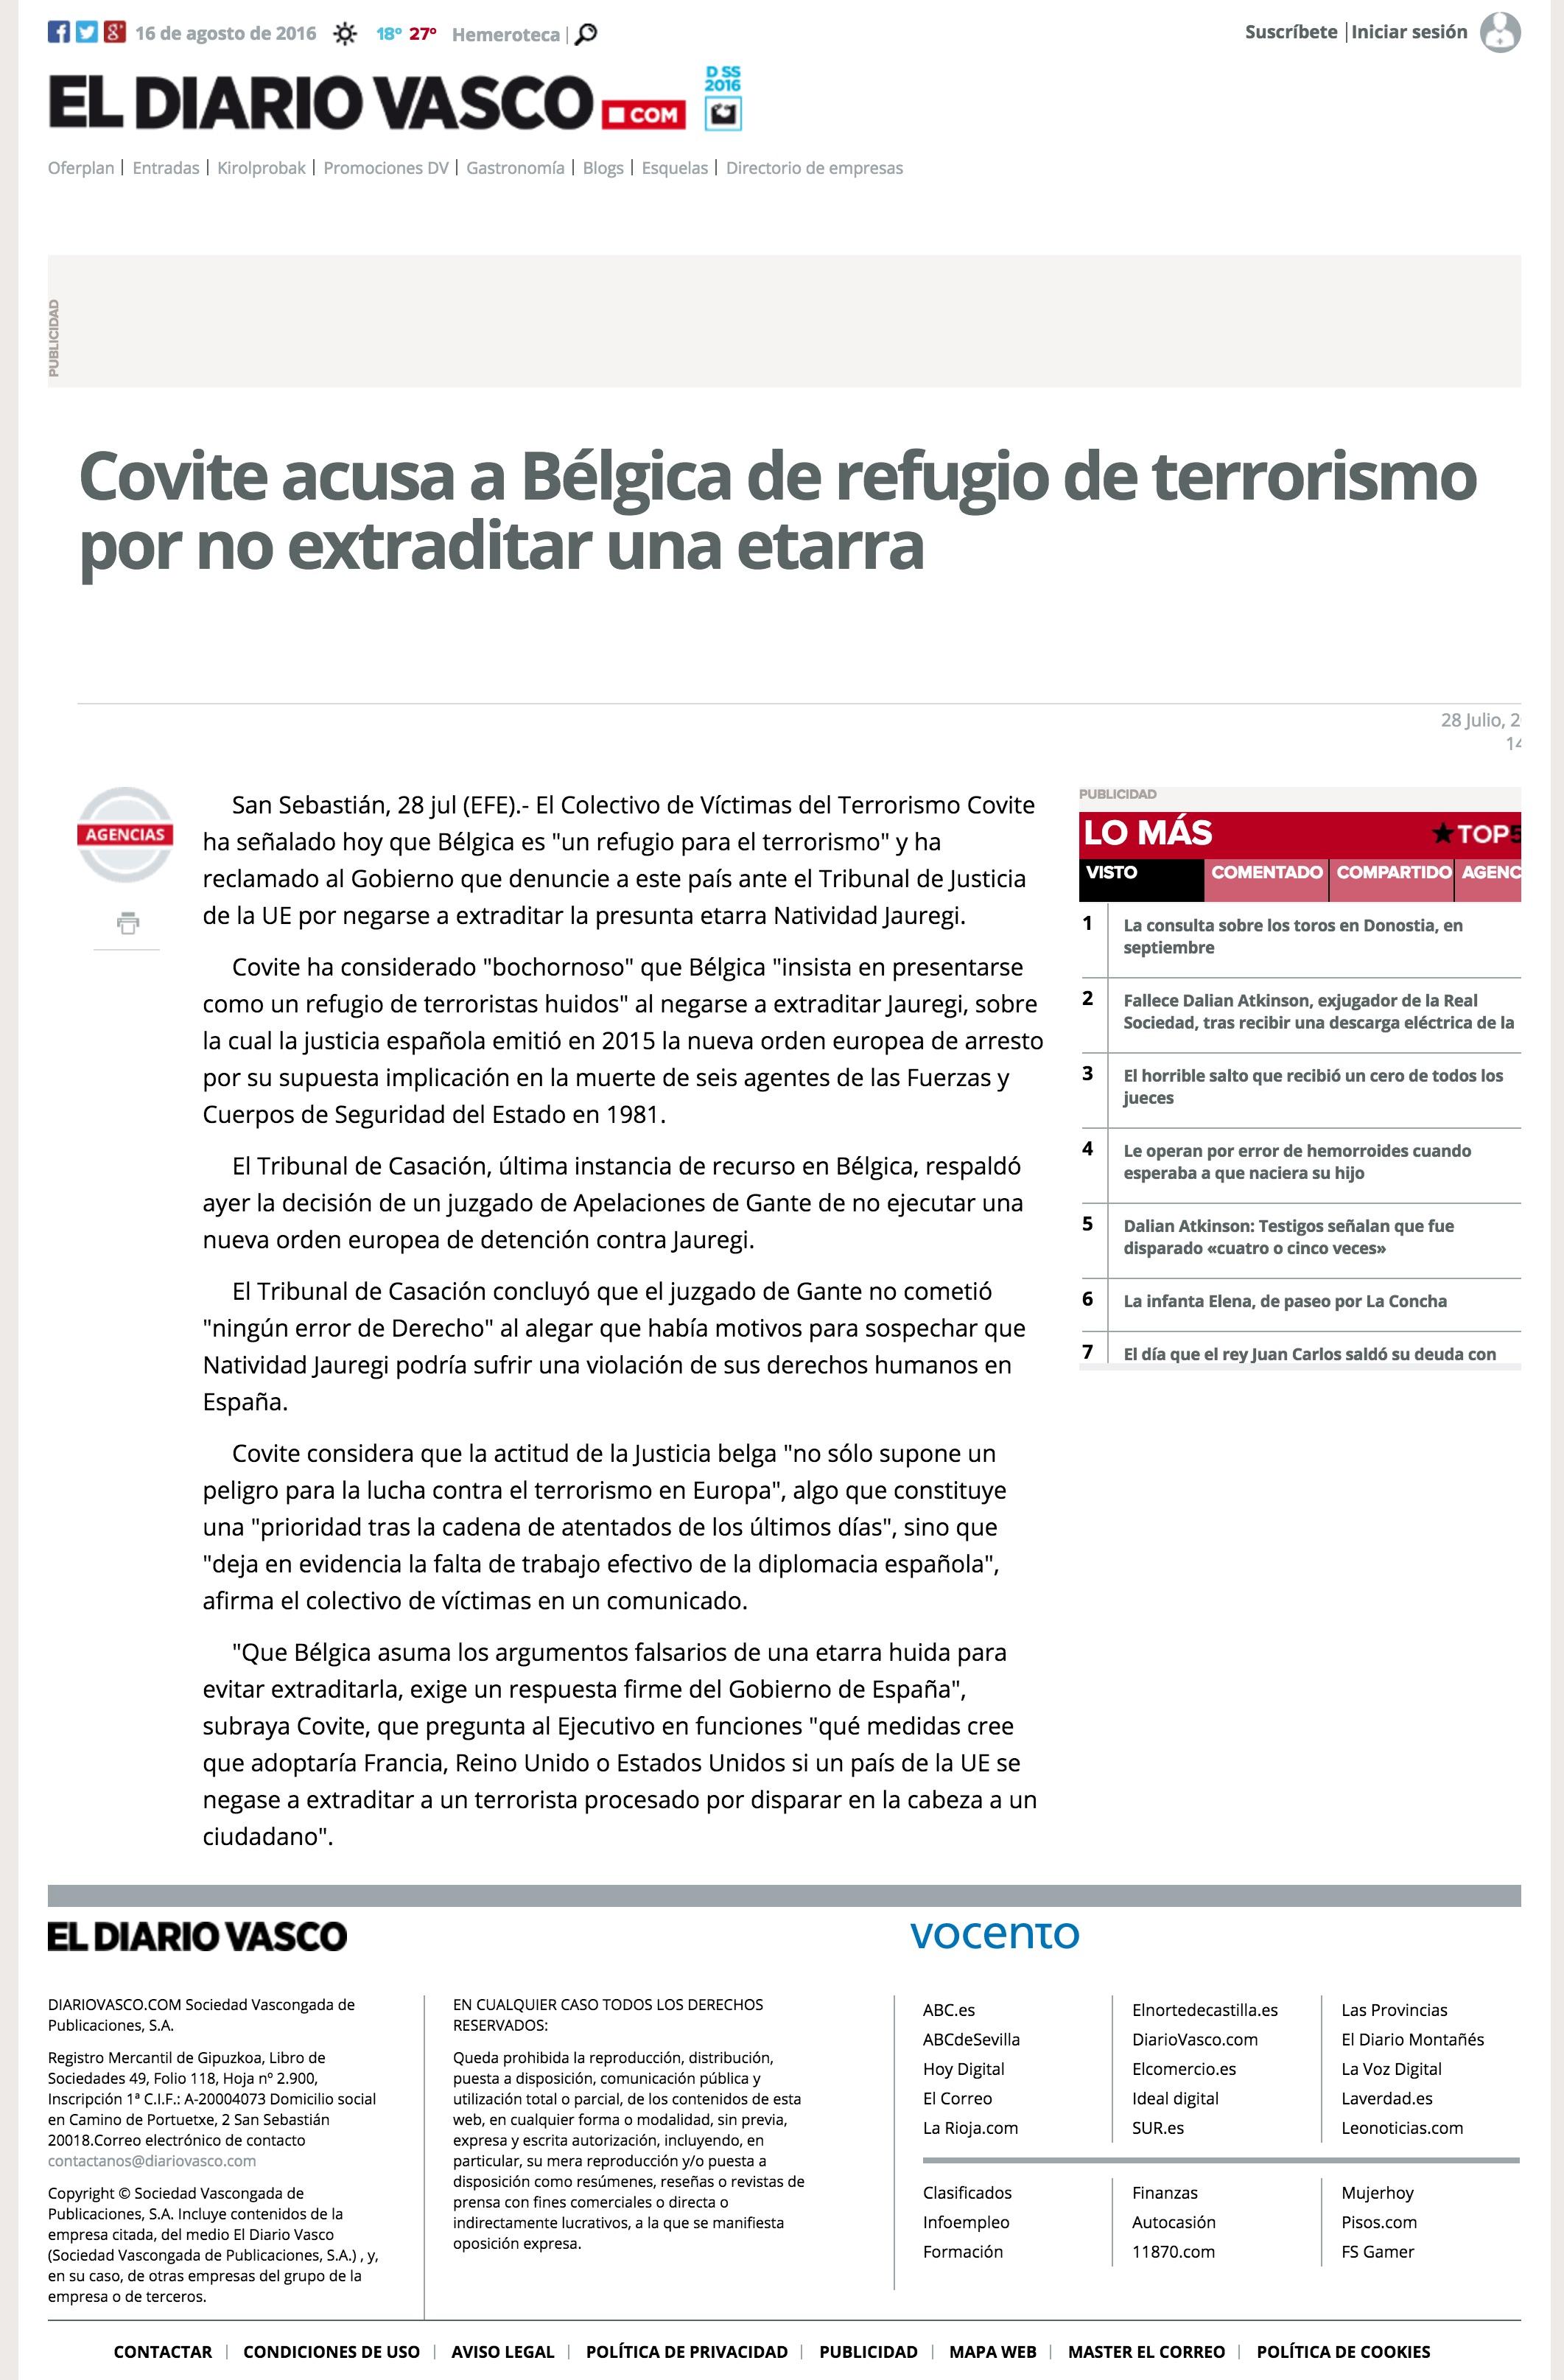 belgica_dv